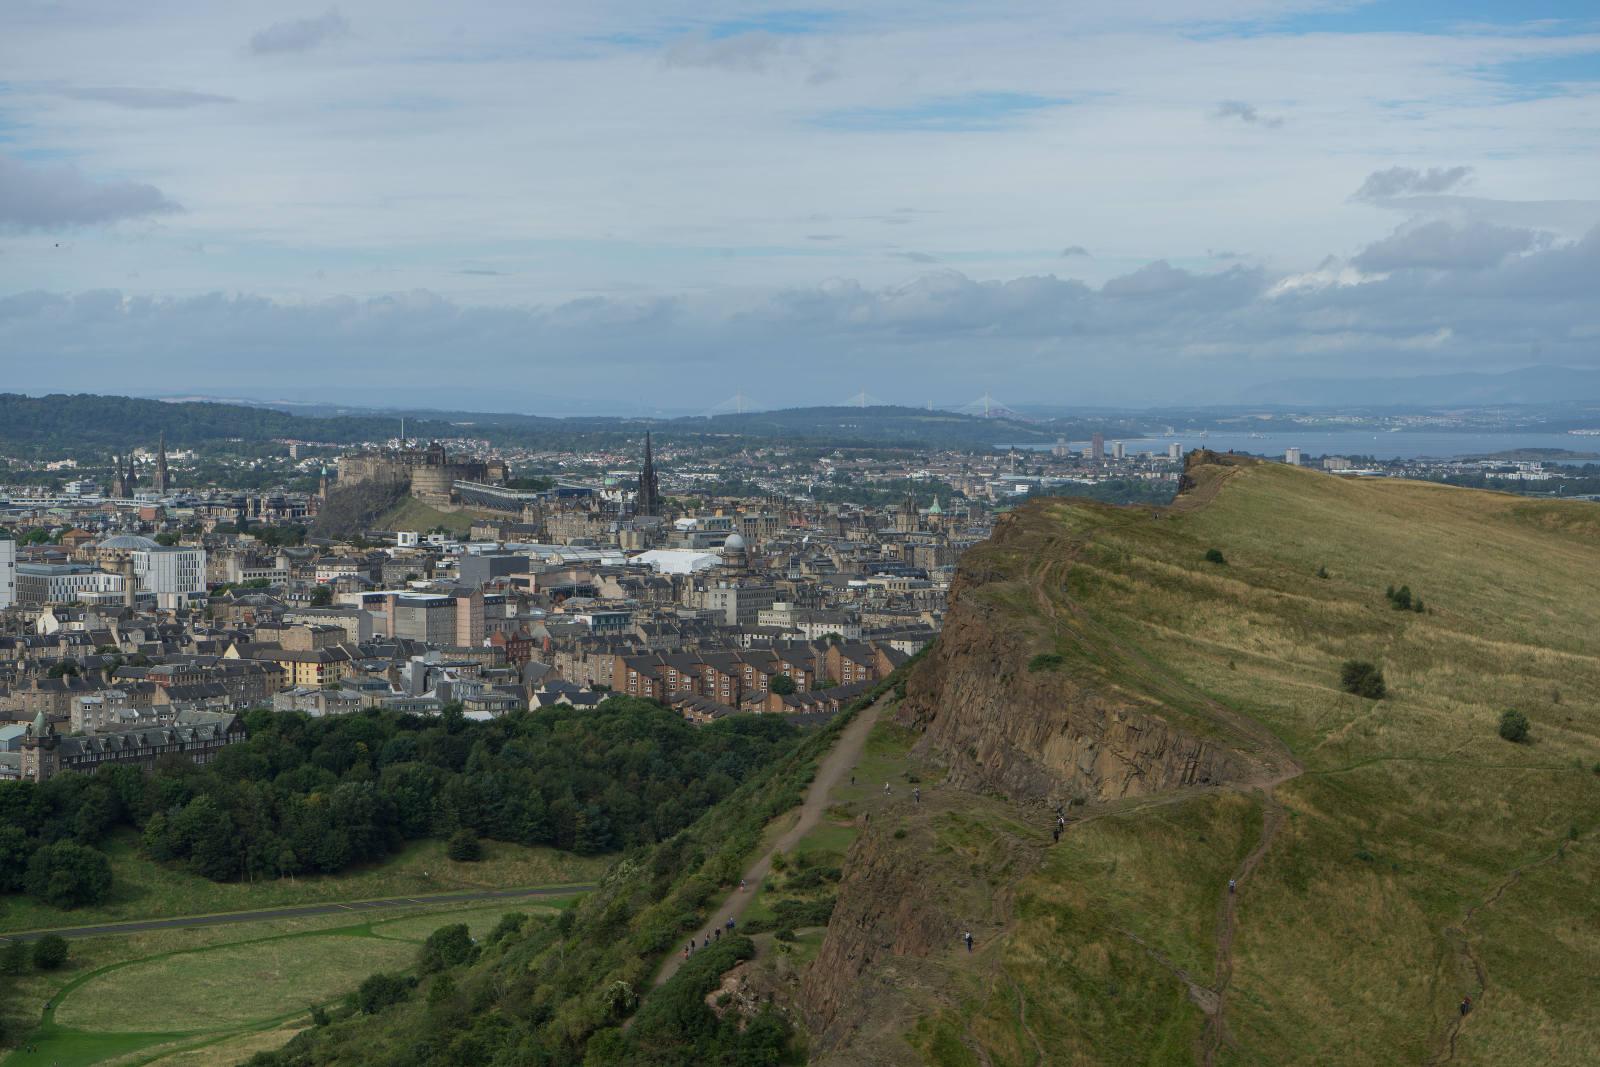 Blick auf Stadt und Hügel - Edinburgh